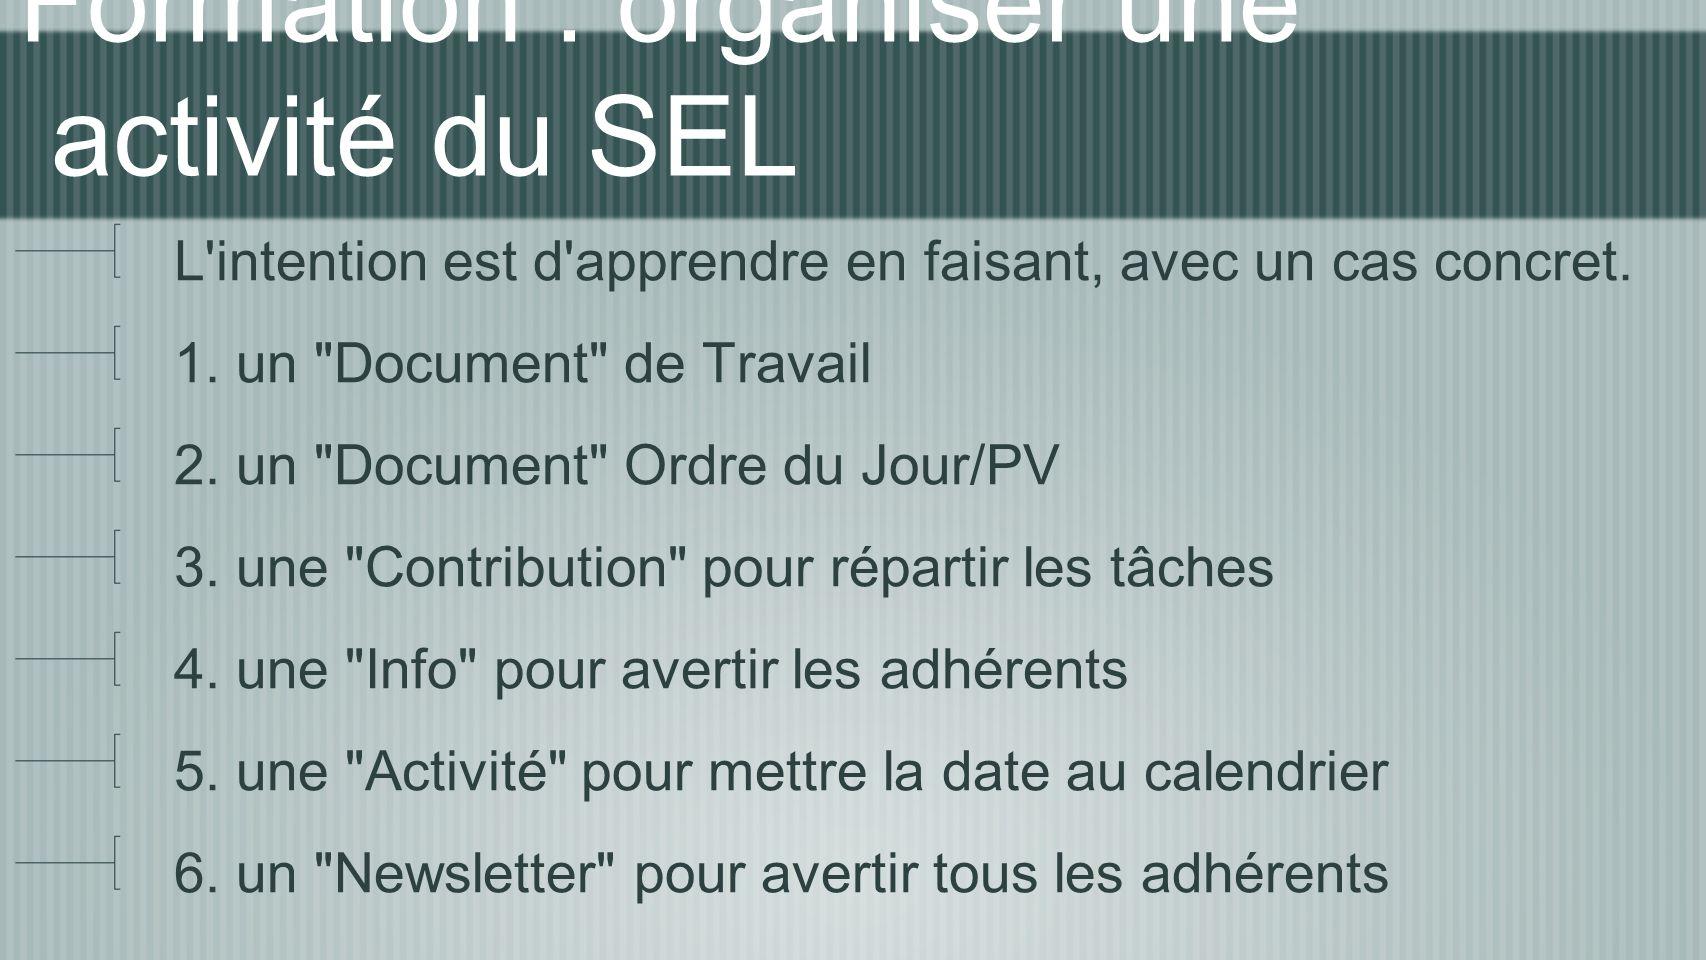 Formation : organiser une activité du SEL L'intention est d'apprendre en faisant, avec un cas concret. 1. un